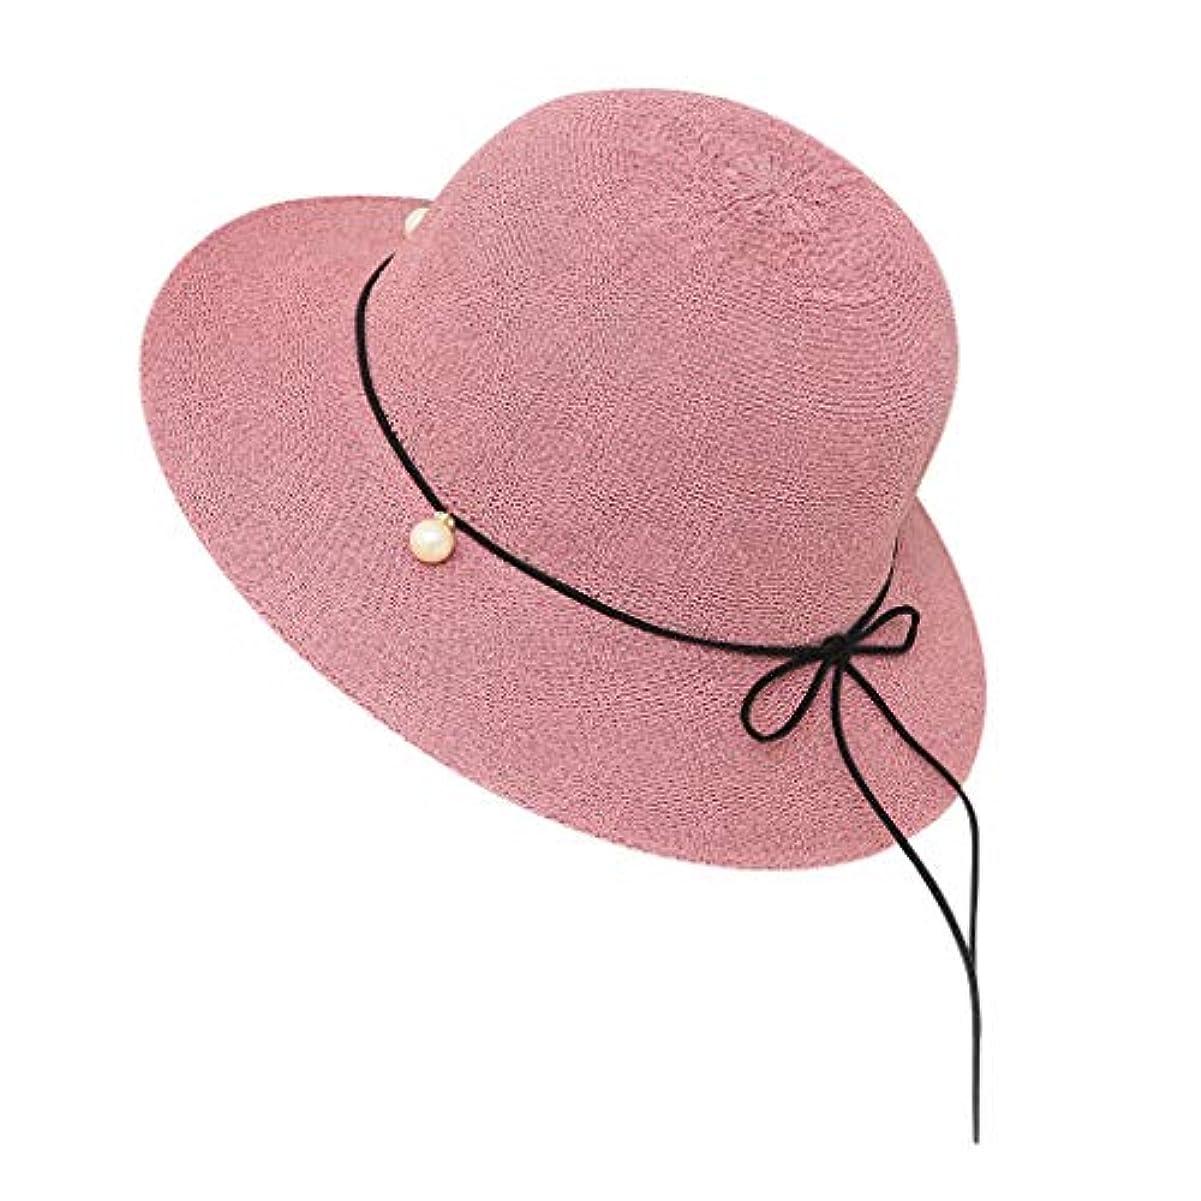 体操才能自動帽子 レディース 夏 女性 UVカット 帽子 ハット 漁師帽 つば広 吸汗通気 紫外線対策 大きいサイズ 日焼け防止 サイズ調節 ベレー帽 帽子 レディース ビーチ 海辺 森ガール 女優帽 日よけ ROSE ROMAN